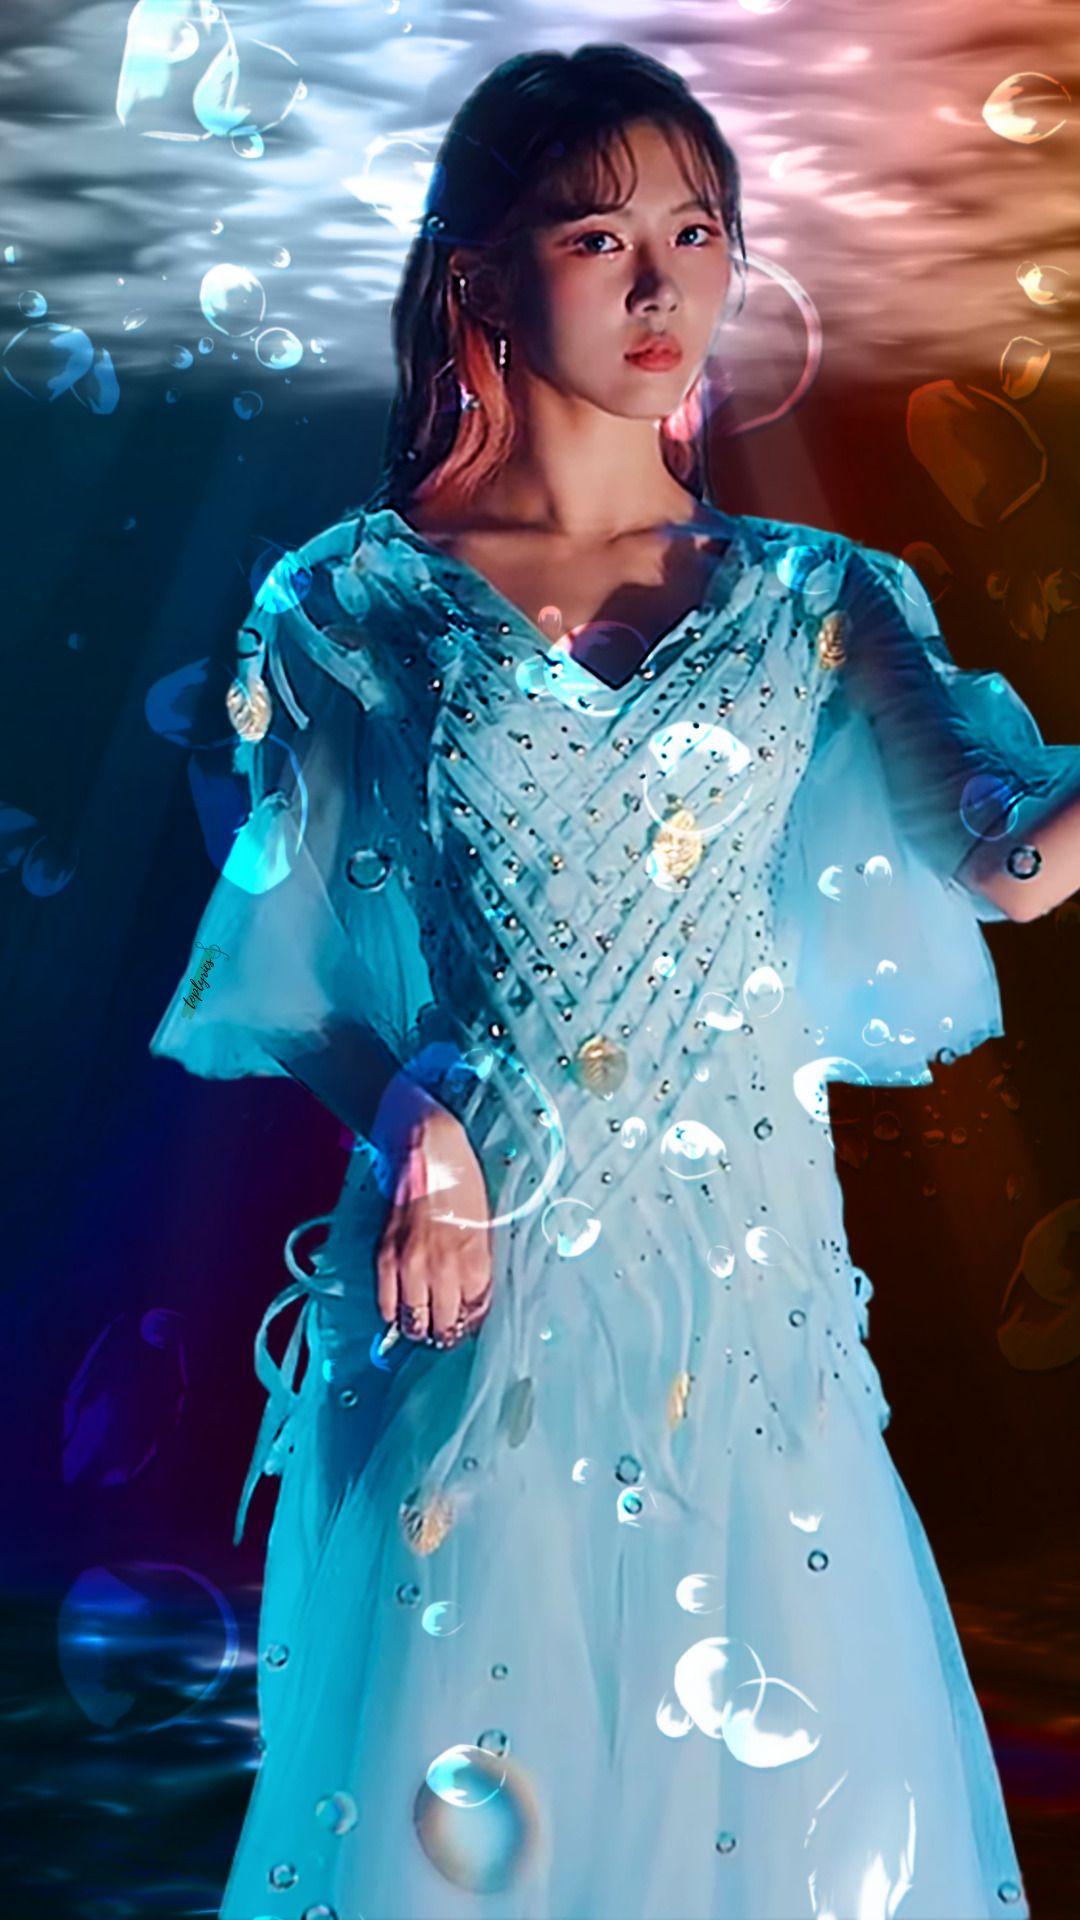 Yoohyeon Dream Catcher Dreamcatcher Wallpaper Formal Dresses Long